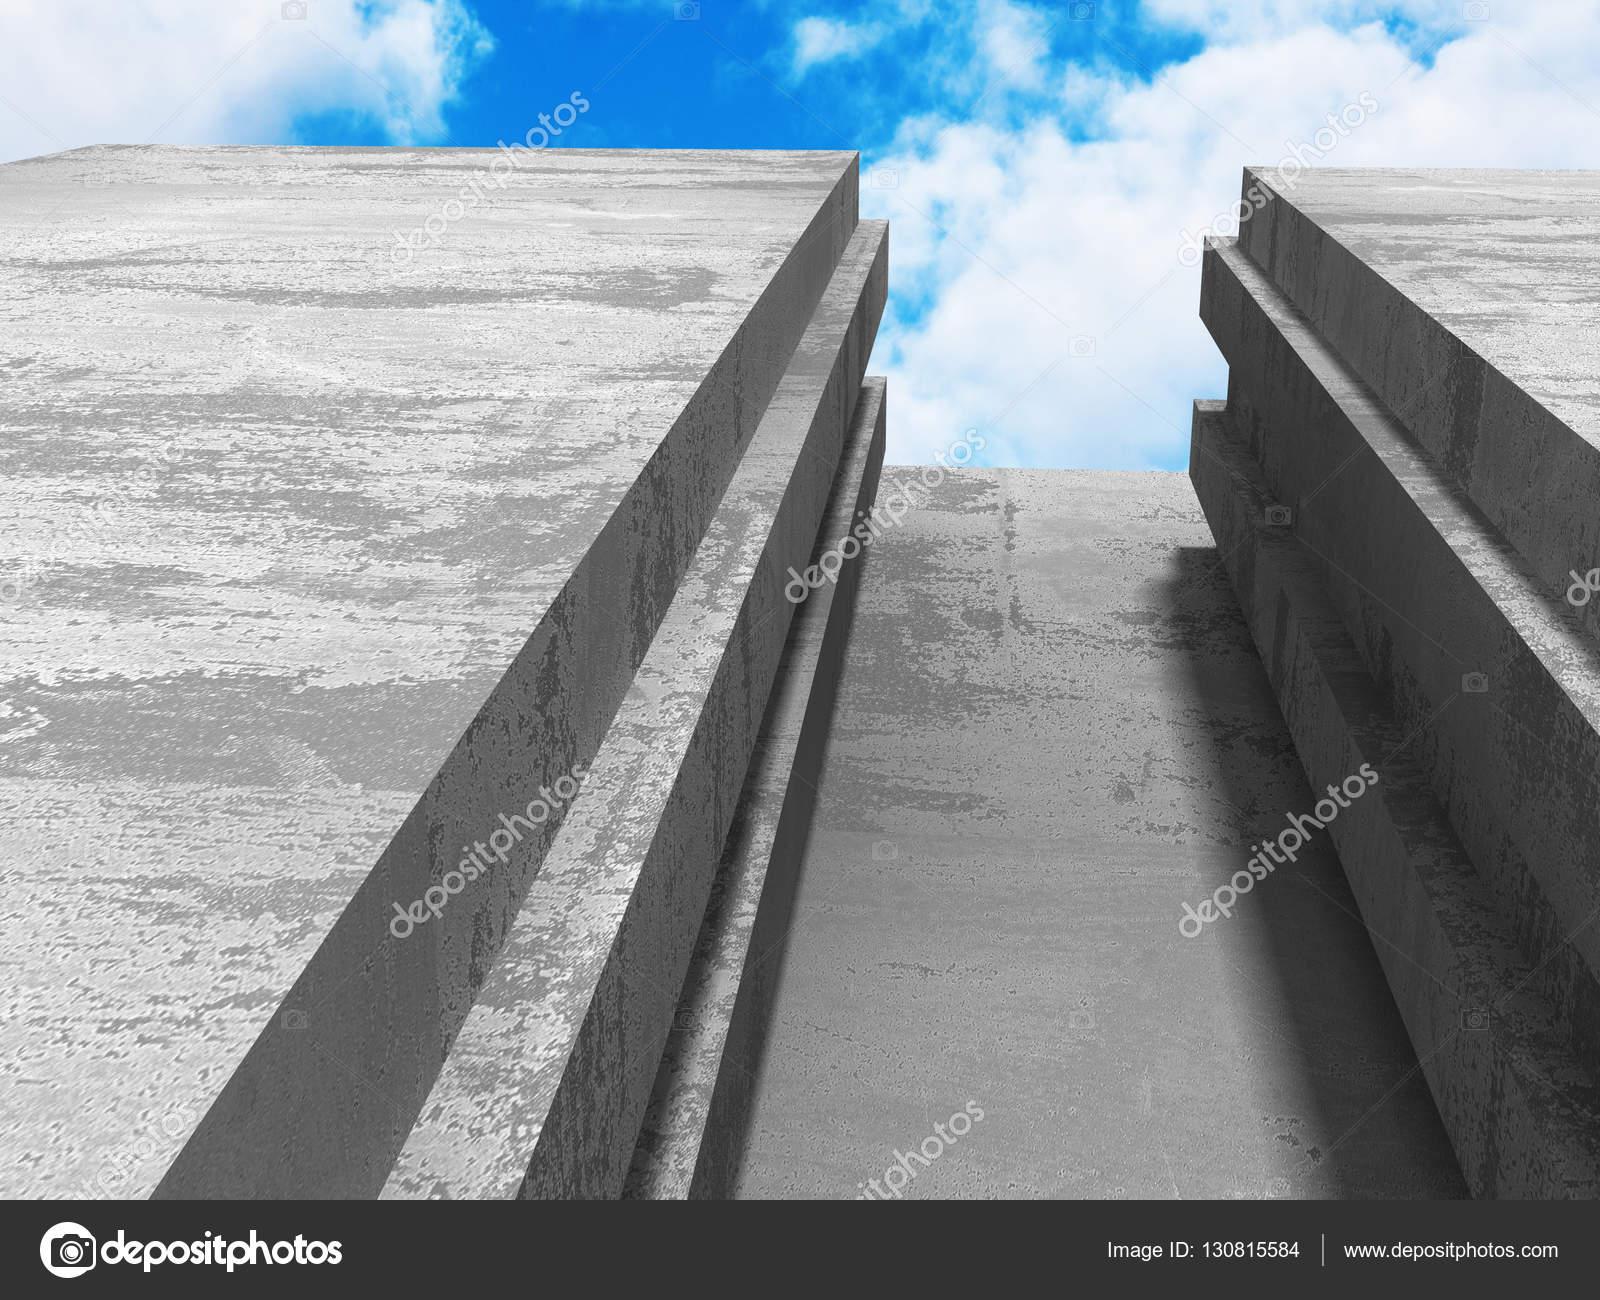 Architecture en b ton tr s g om trique avec ciel nuageux for Architecture geometrique